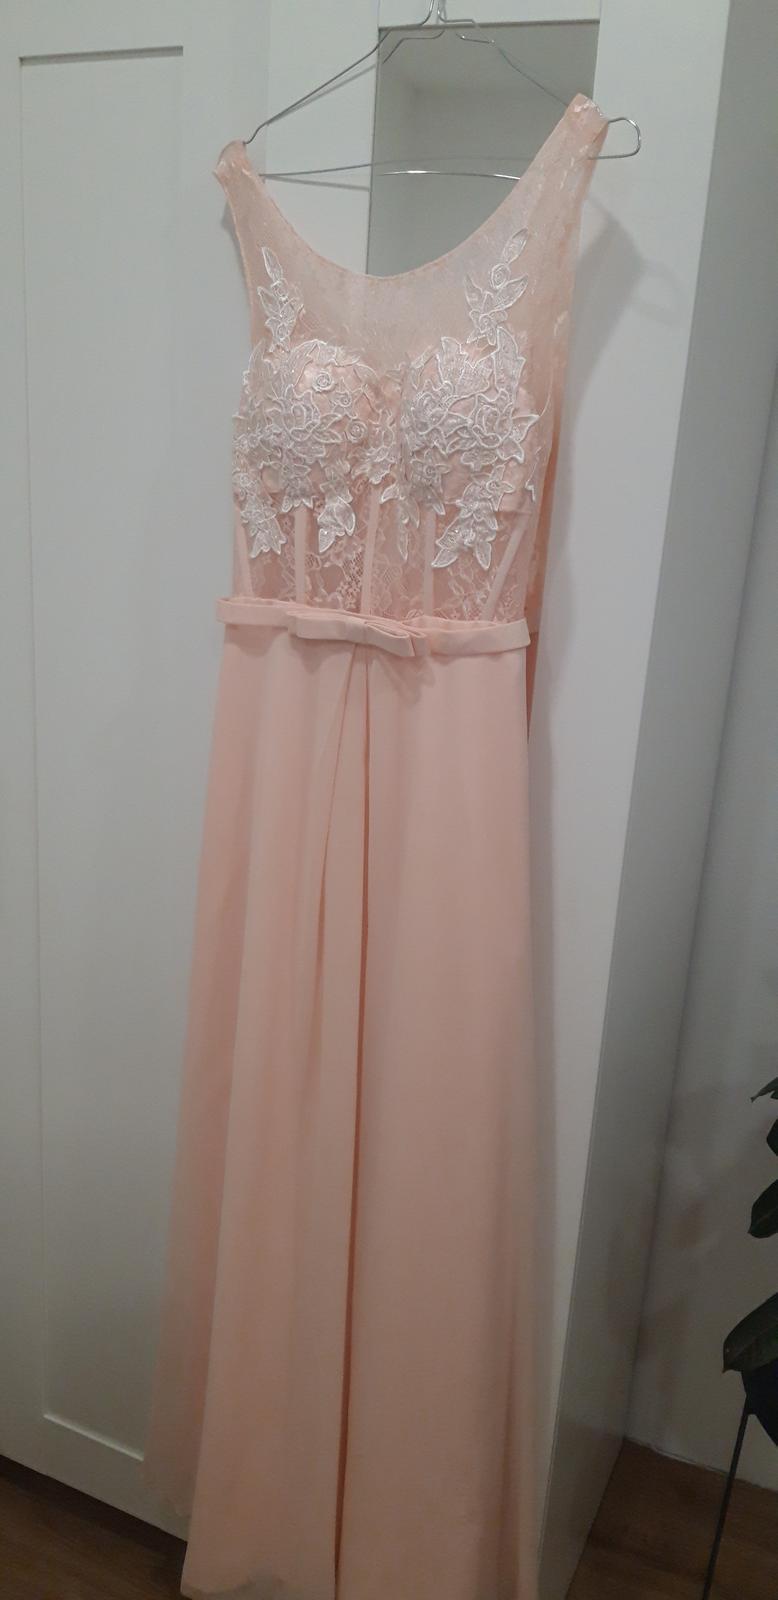 družičkovské/popolnočné šaty - Obrázok č. 1